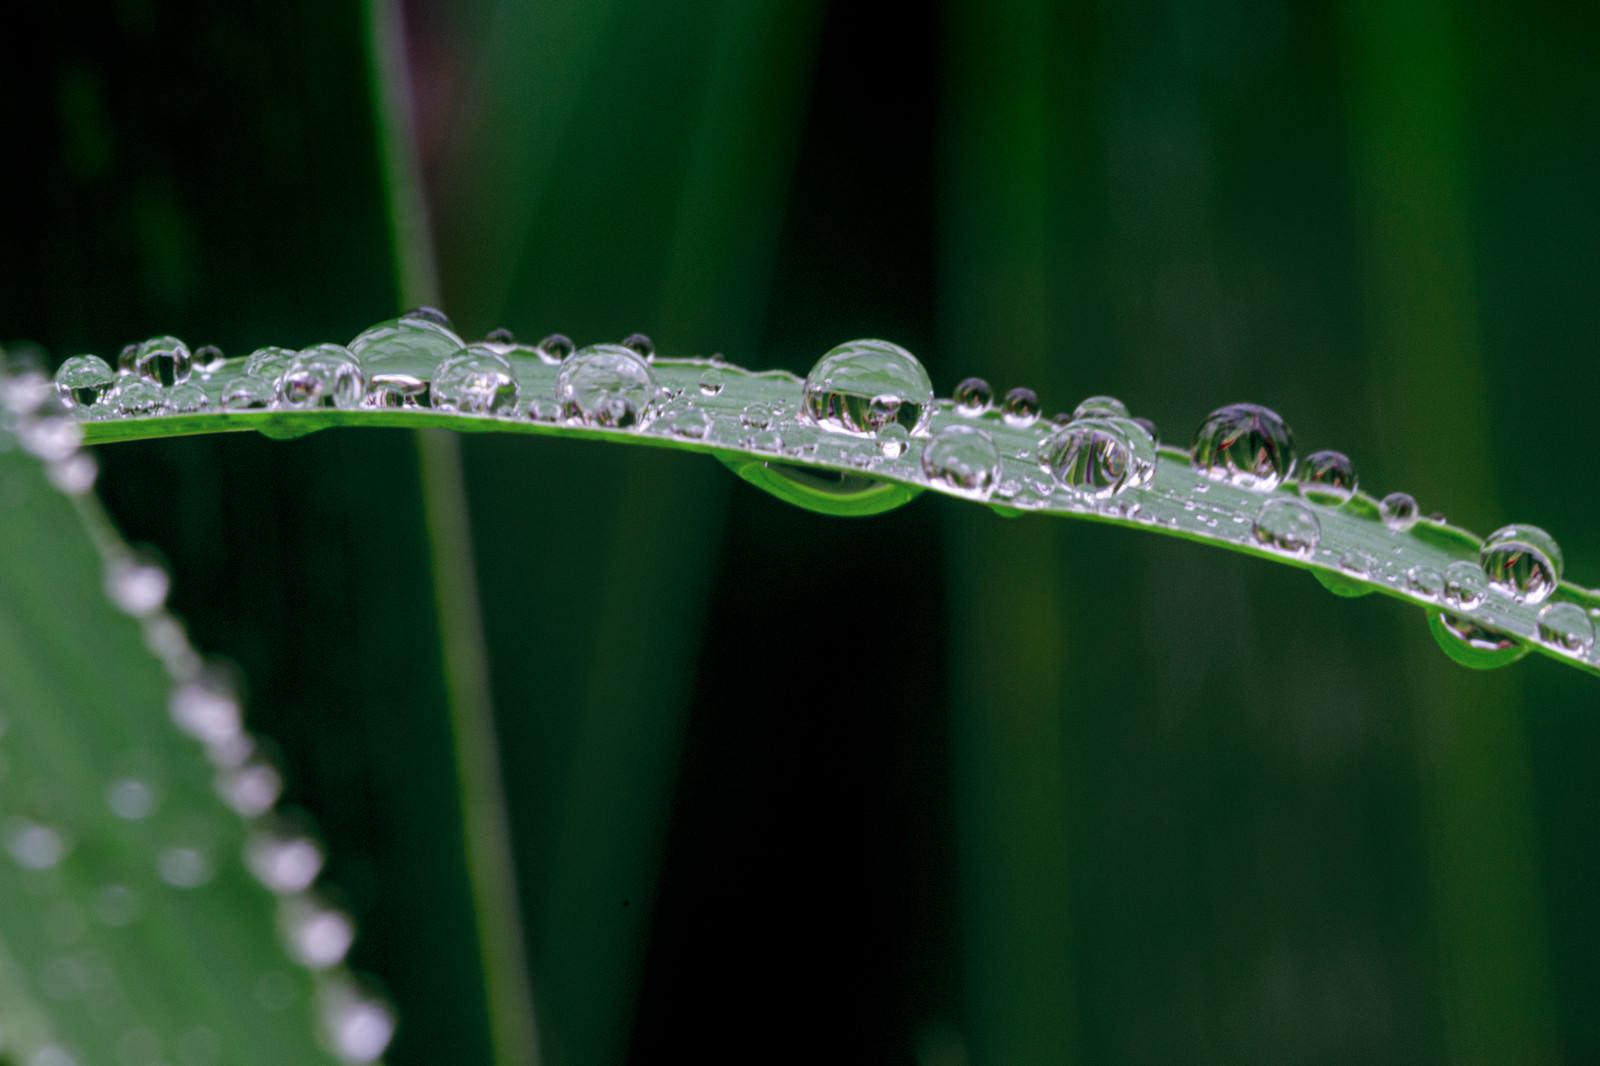 「雨の滴を纏った草 | 写真の無料素材・フリー素材 - ぱくたそ」の写真